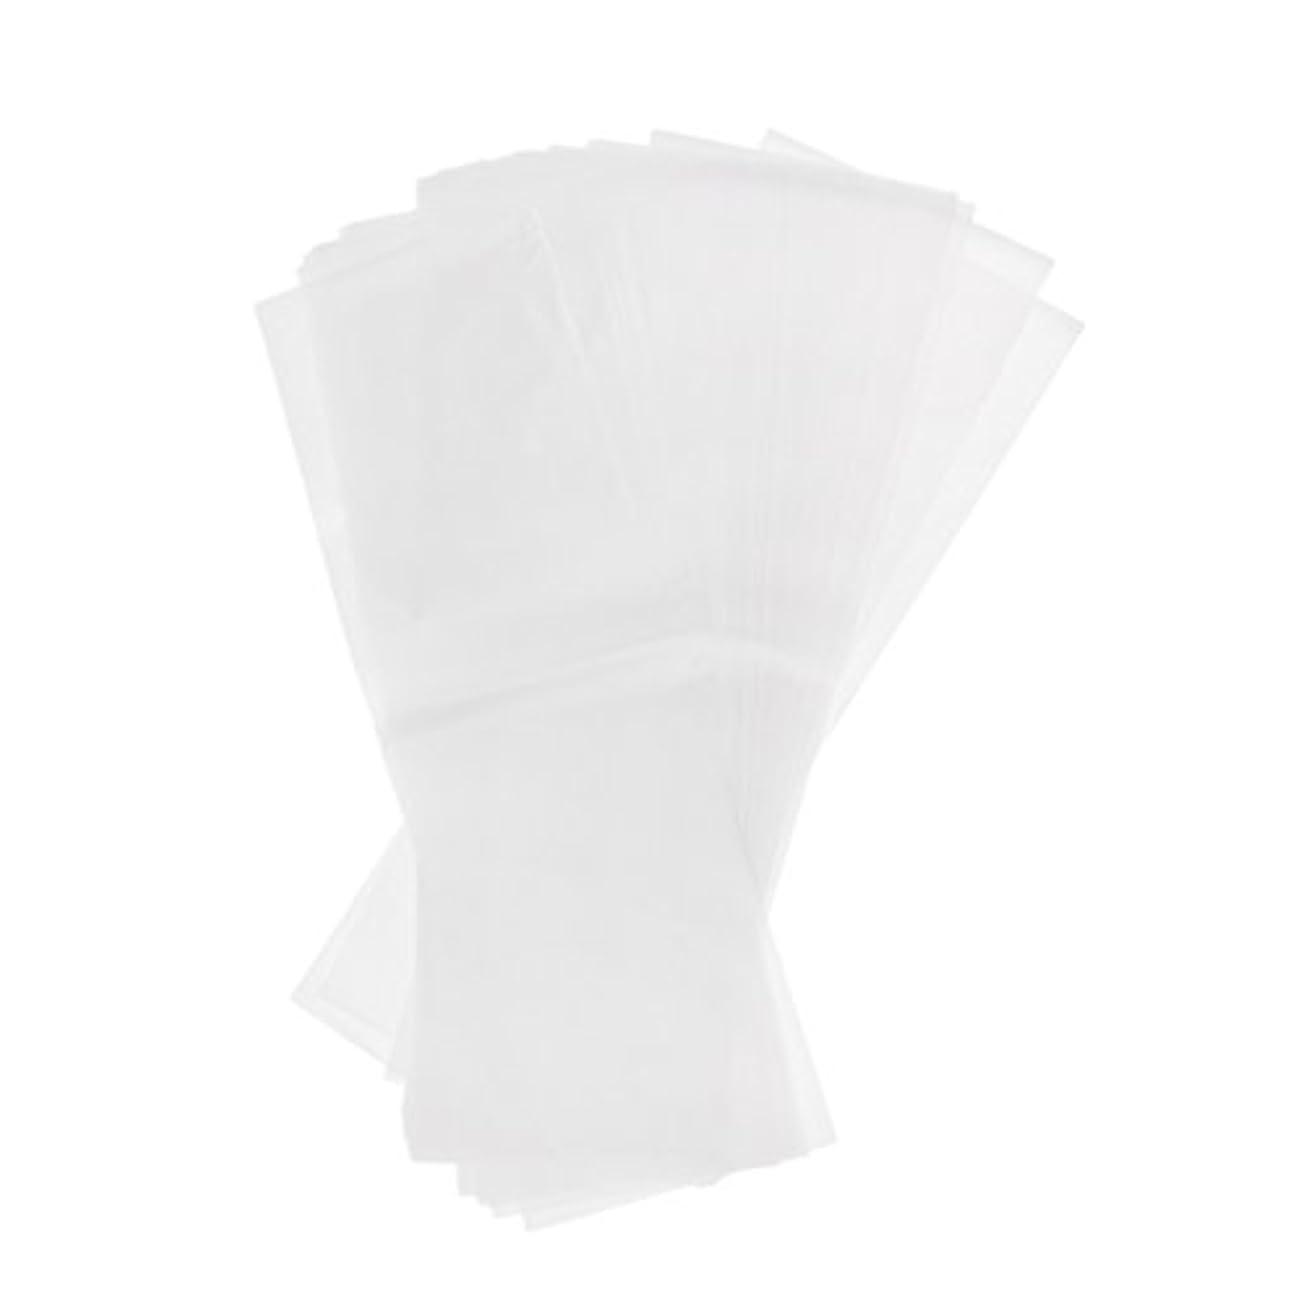 知恵アンソロジー晩ごはんヘアカラー 毛染め 分版用紙 ハイライトシート 毛染め紙 再利用可能な 透明 2仕様選べ - ホワイト